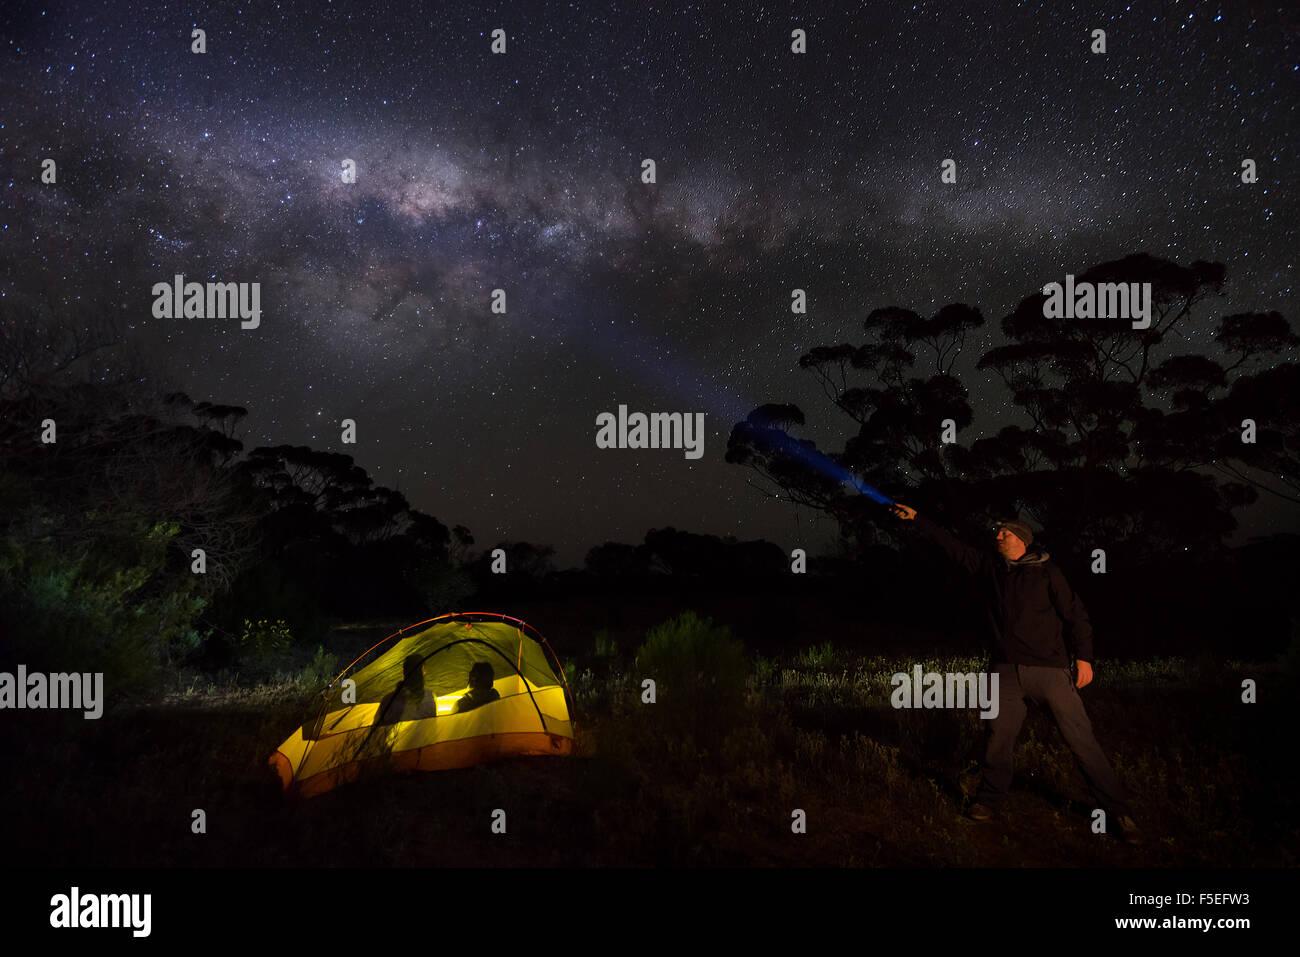 Man holding torche et deux hommes dans une tente, chaîne Gawler, Australie Photo Stock